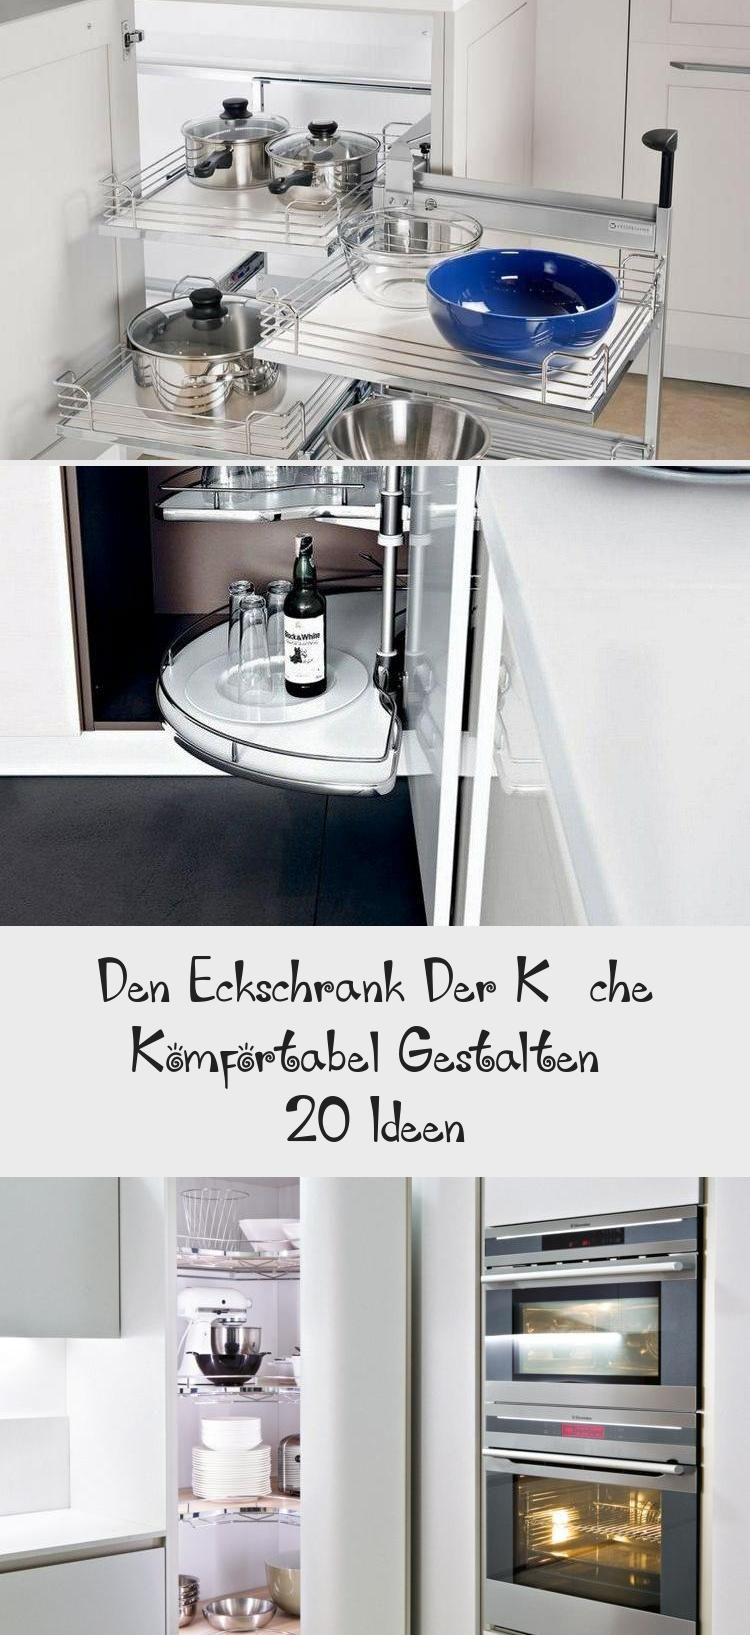 Full Size of Den Eckschrank Der Kche Komfortabel Gestalten 20 Ideen Schlafzimmer Küche Küchen Regal Bad Wohnzimmer Küchen Eckschrank Rondell